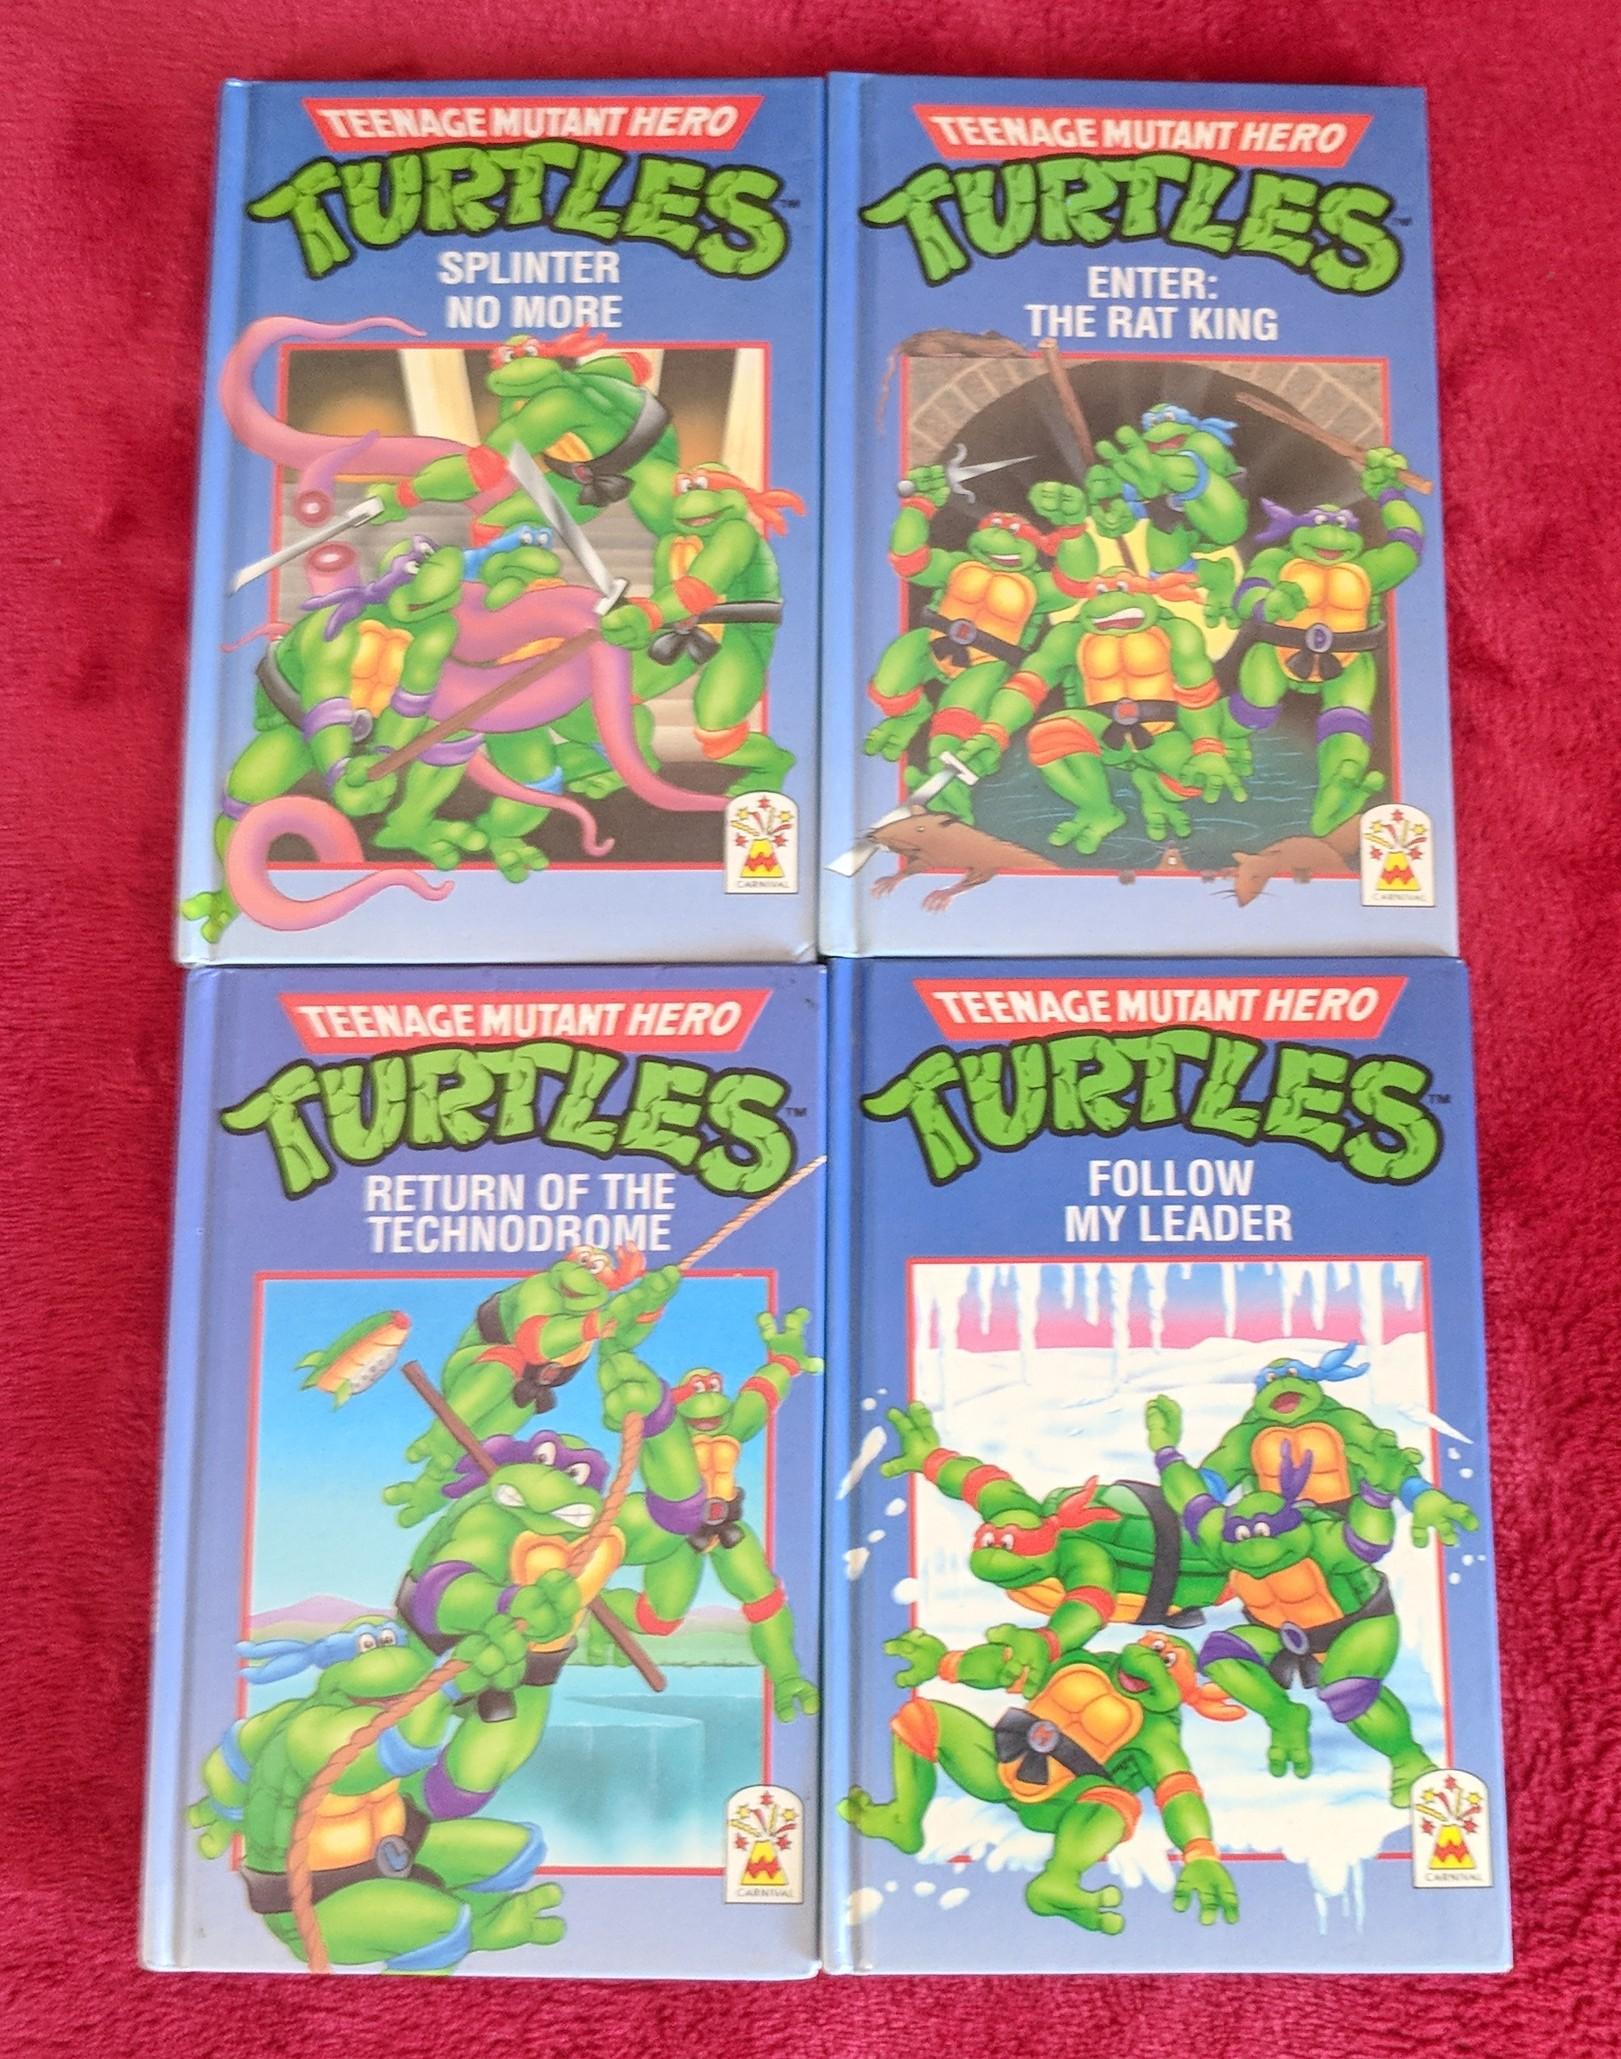 Teenage Mutant Ninja Turtles storybooks